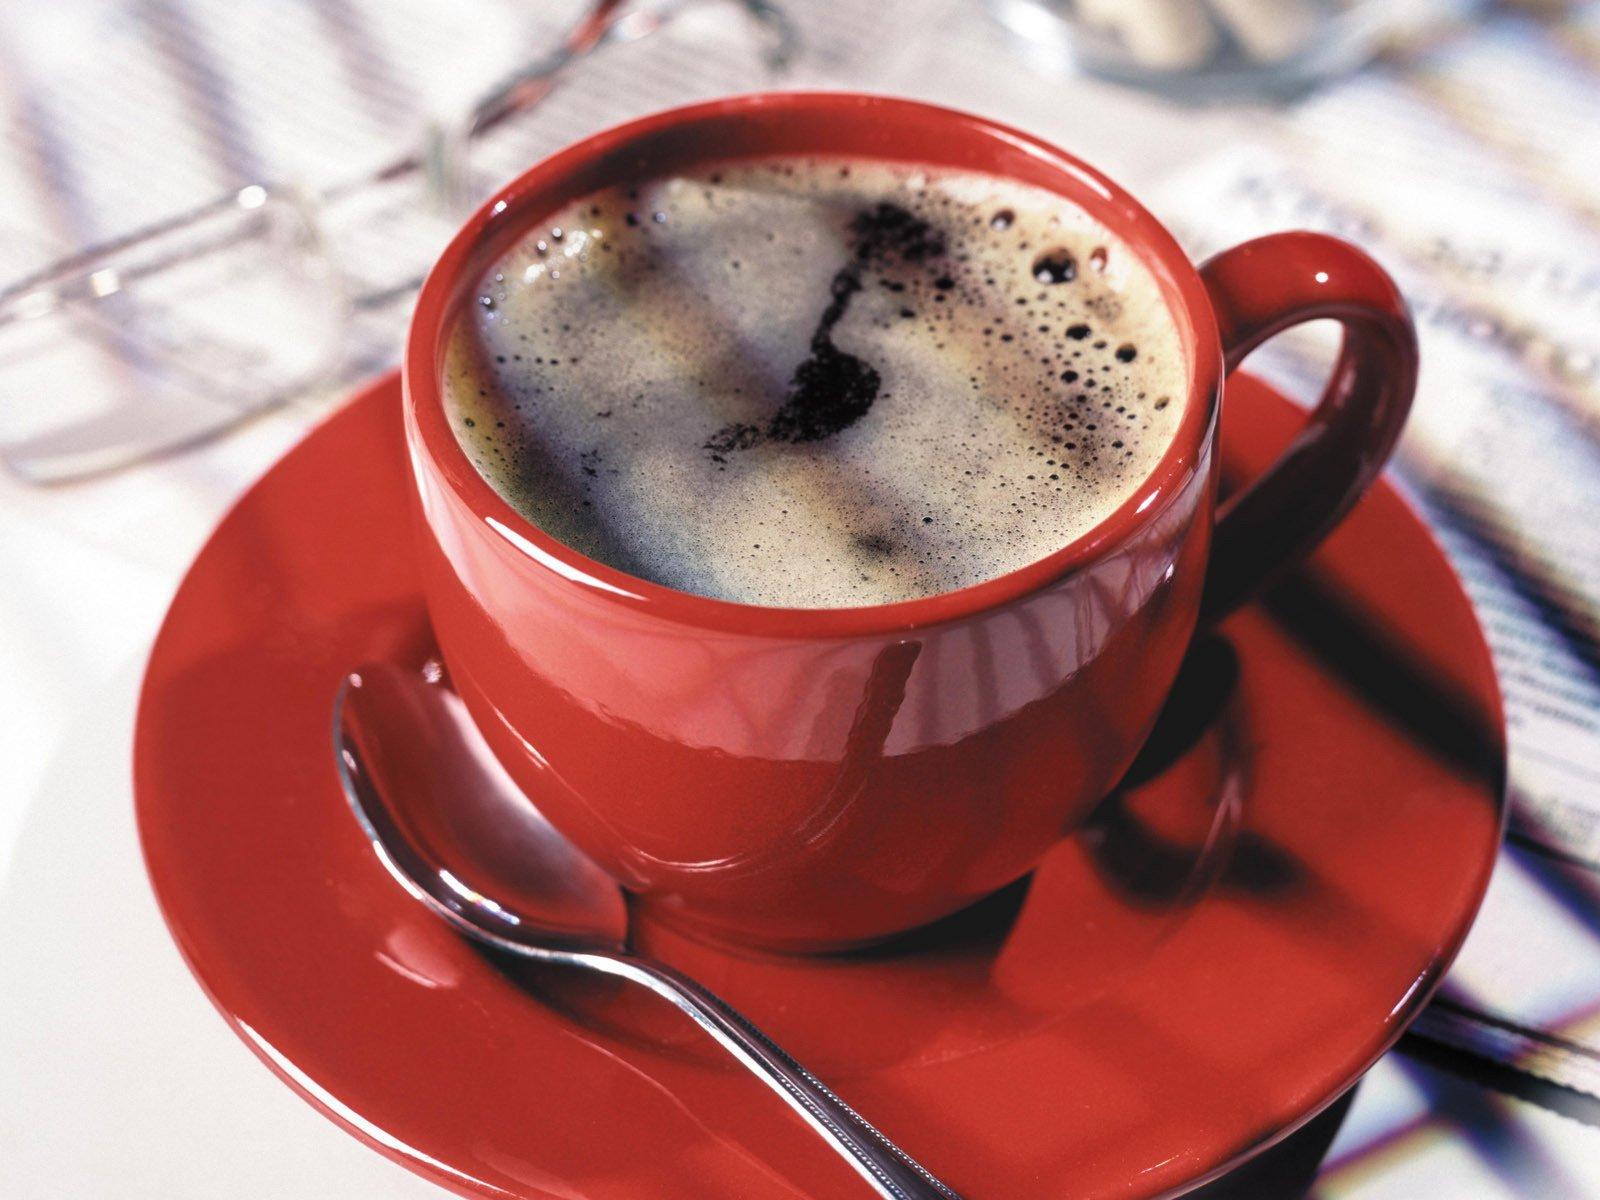 красивые открытки с чашкой кофе основном